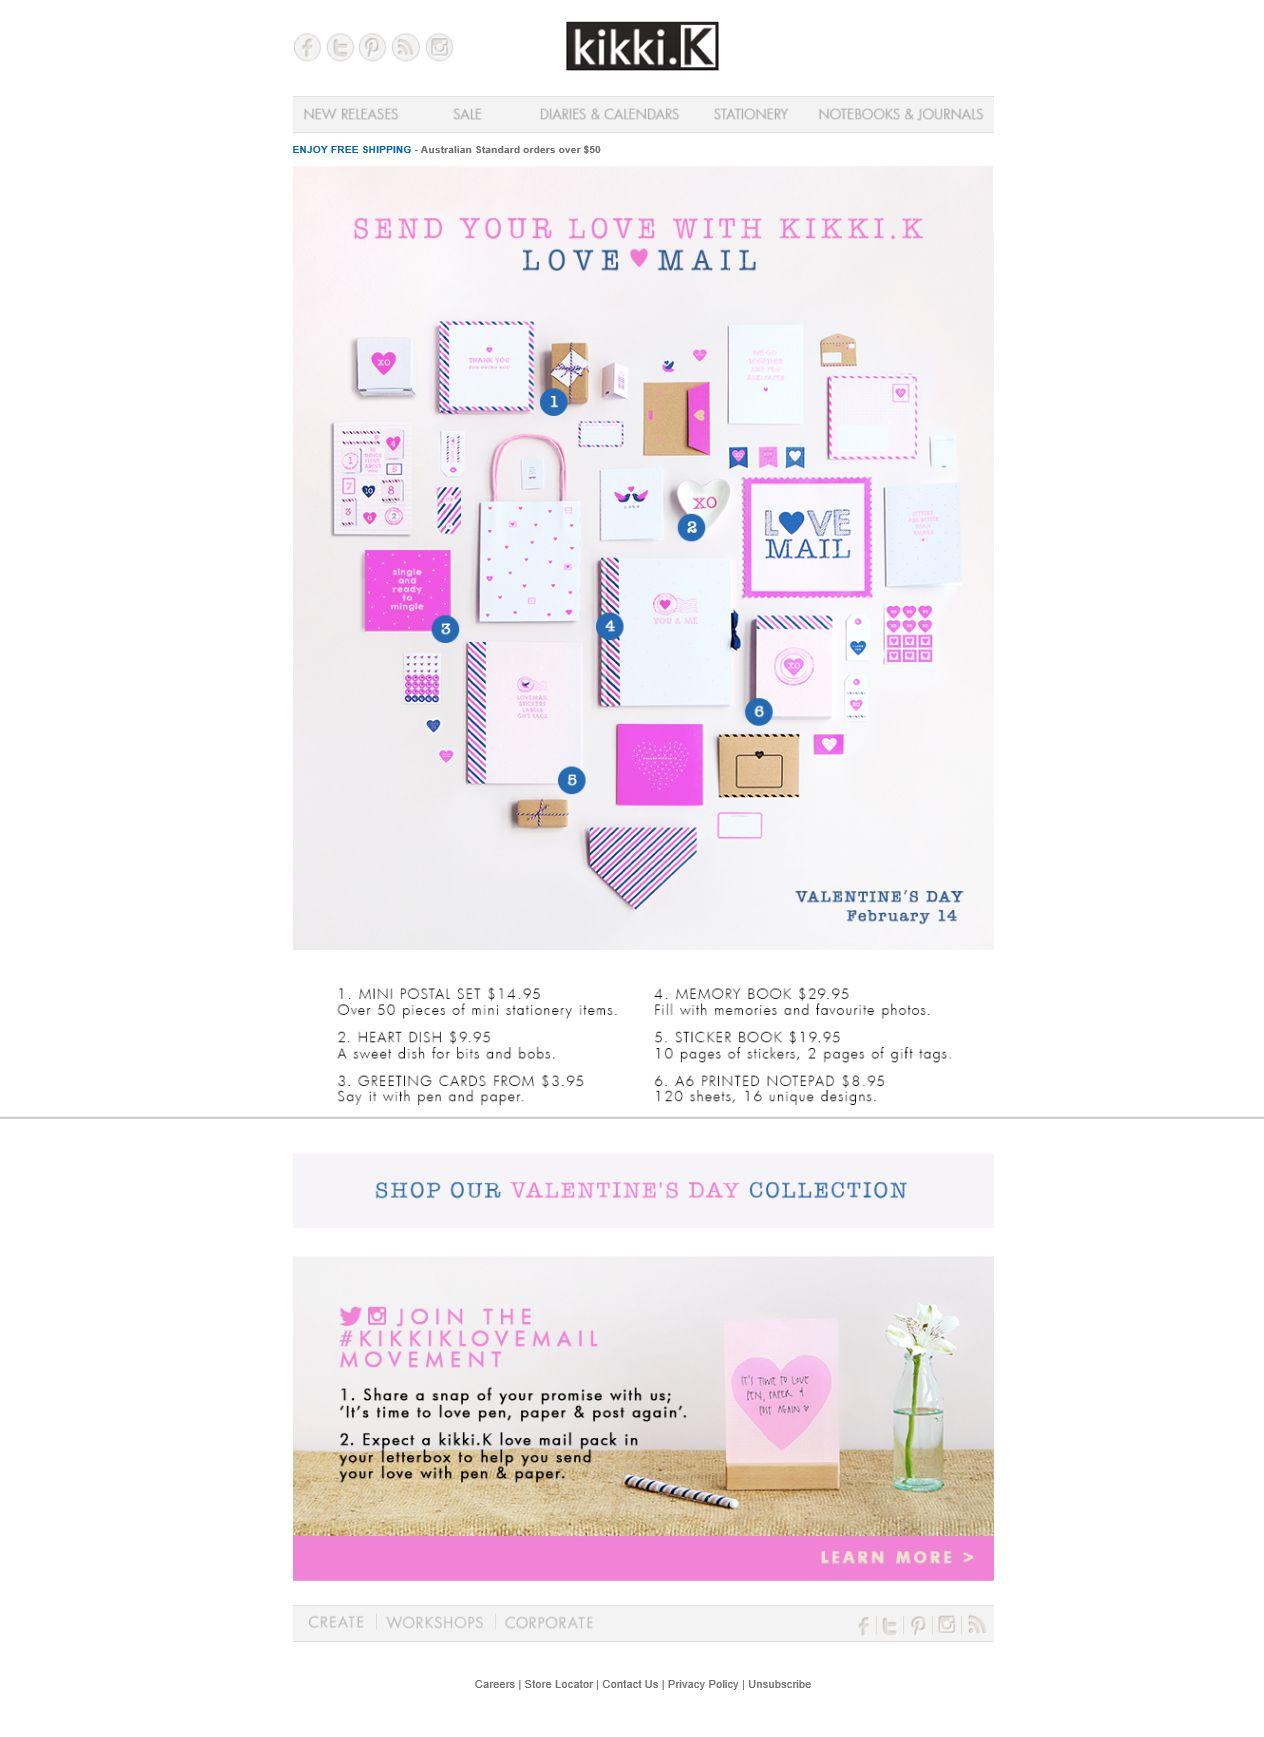 Kikki k email design valentines day email design love